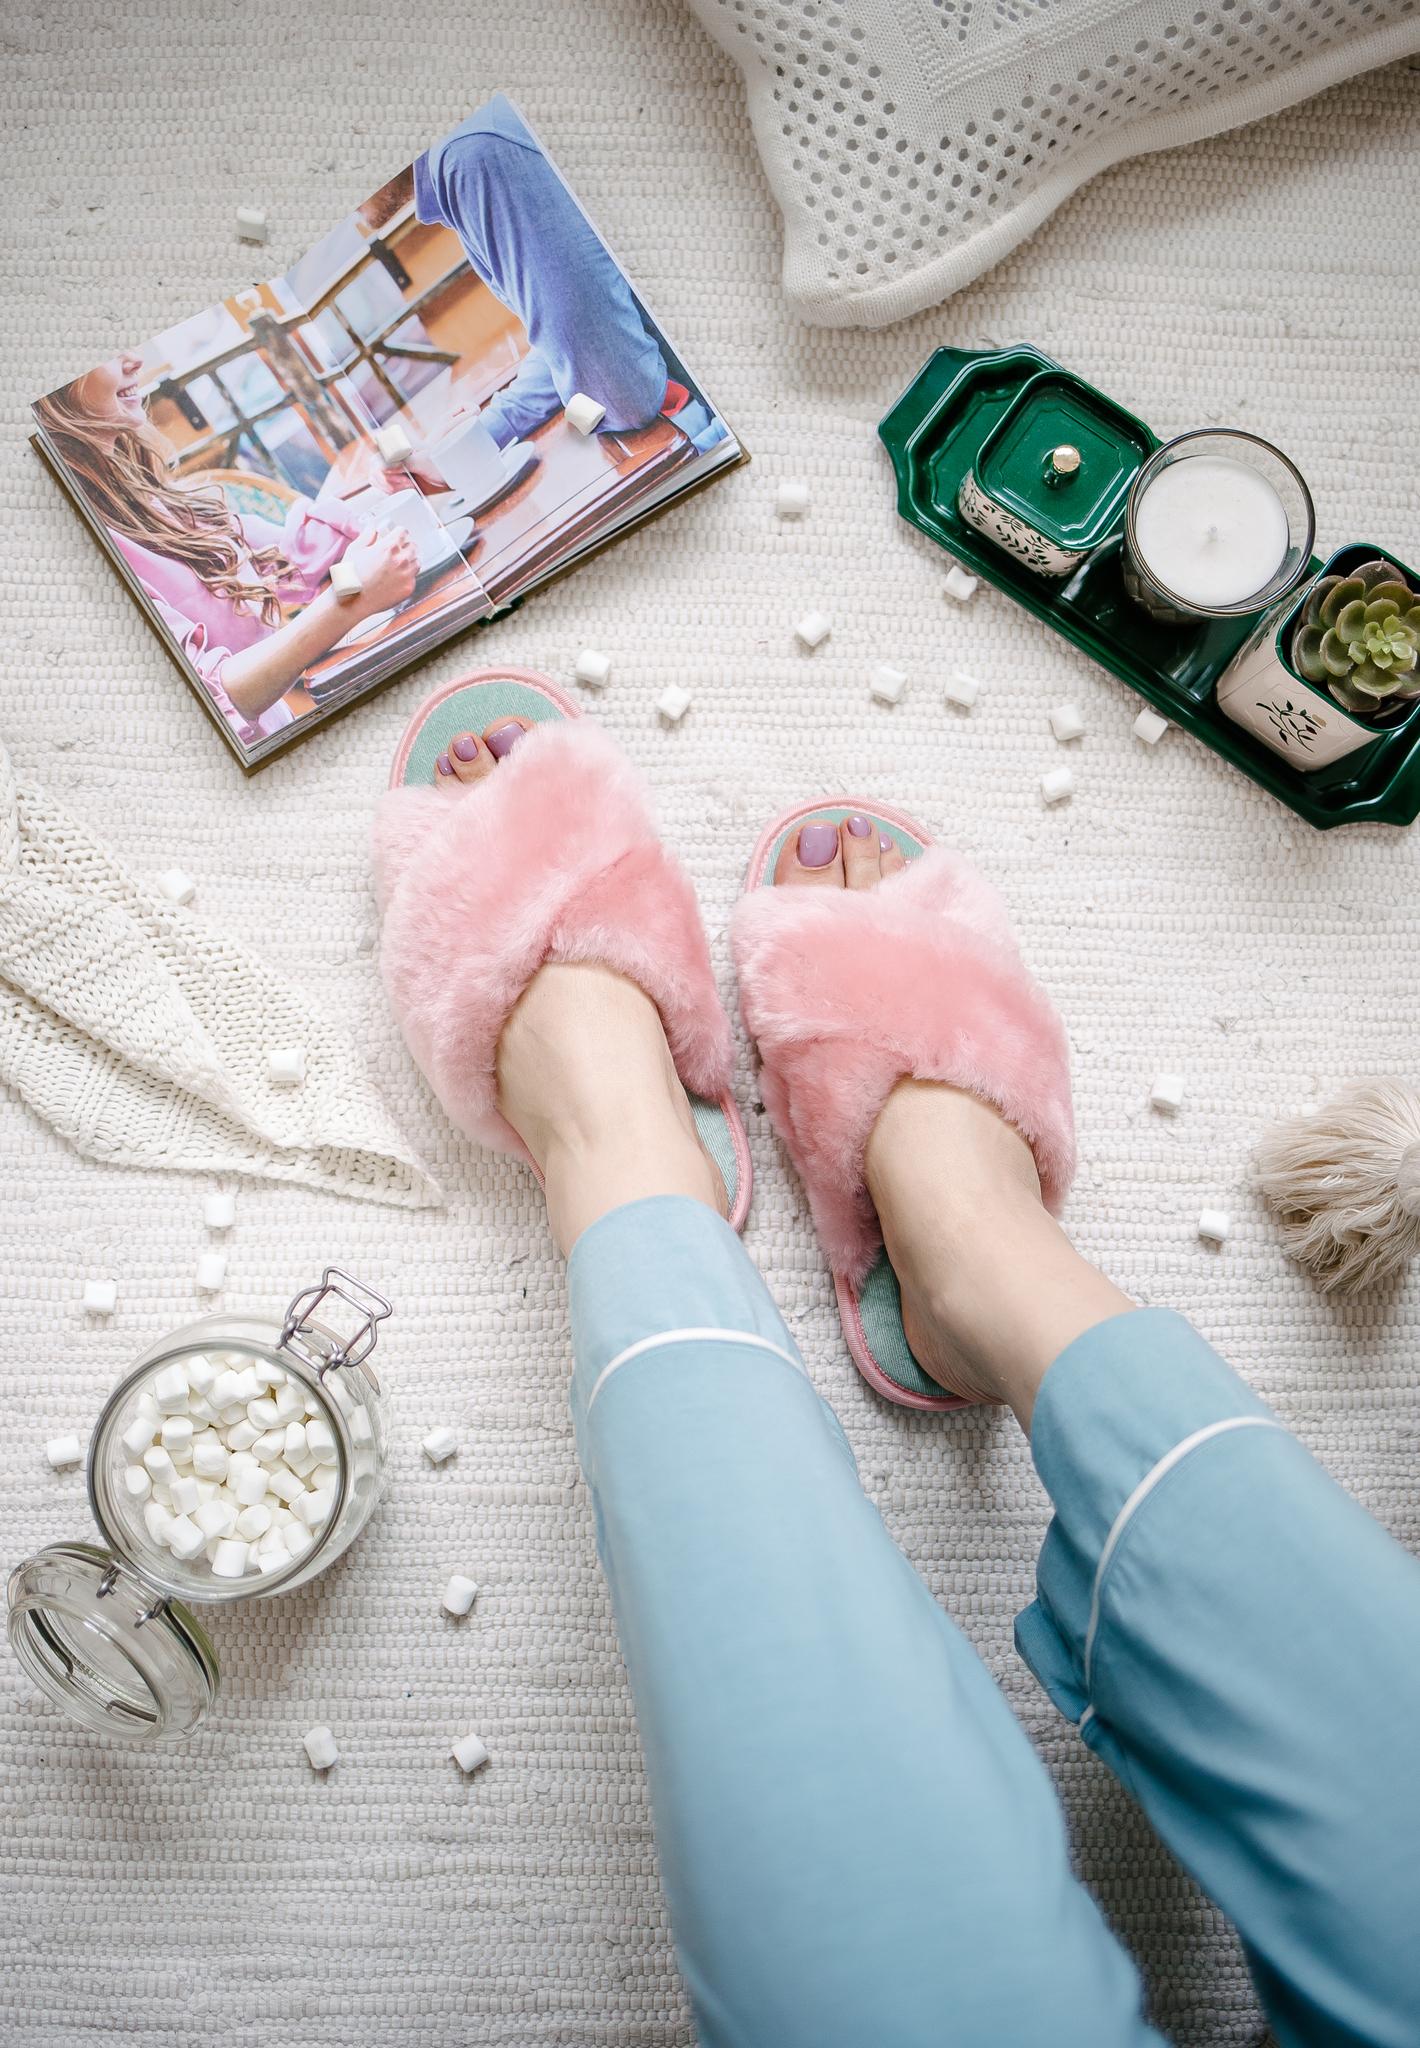 Меховые тапочки розовые с перекрестными шлейками и текстильной стелькой мятной